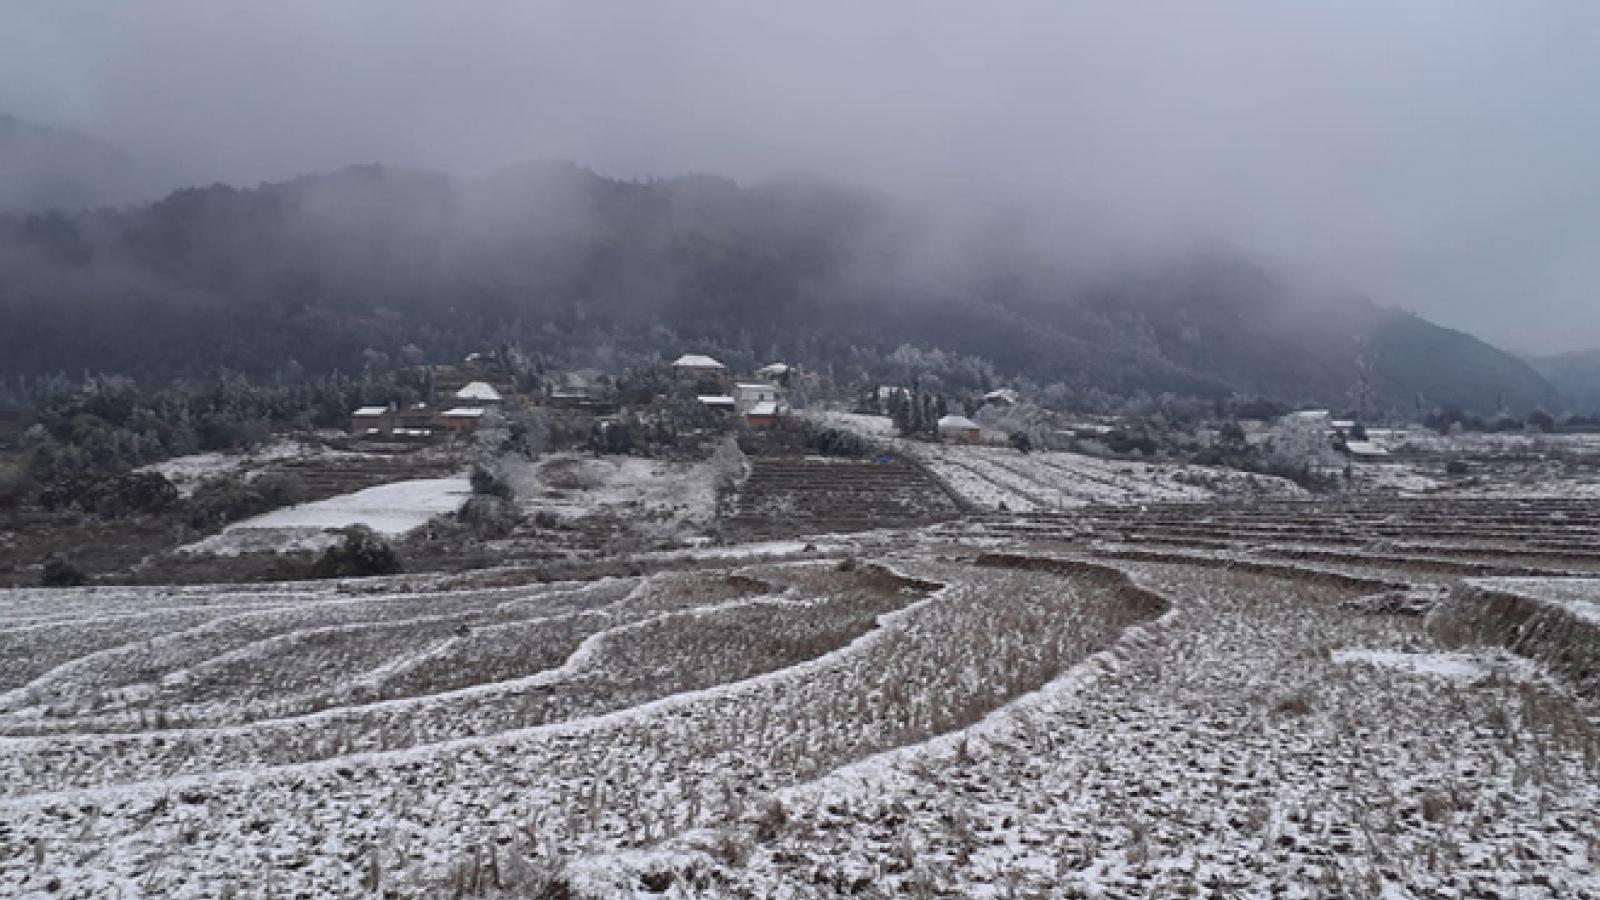 Dự báo thời tiết hôm nay: Nhiệt độ tăng lên, Bắc Bộ vẫn rét đậm, vùng núi cao rét hại